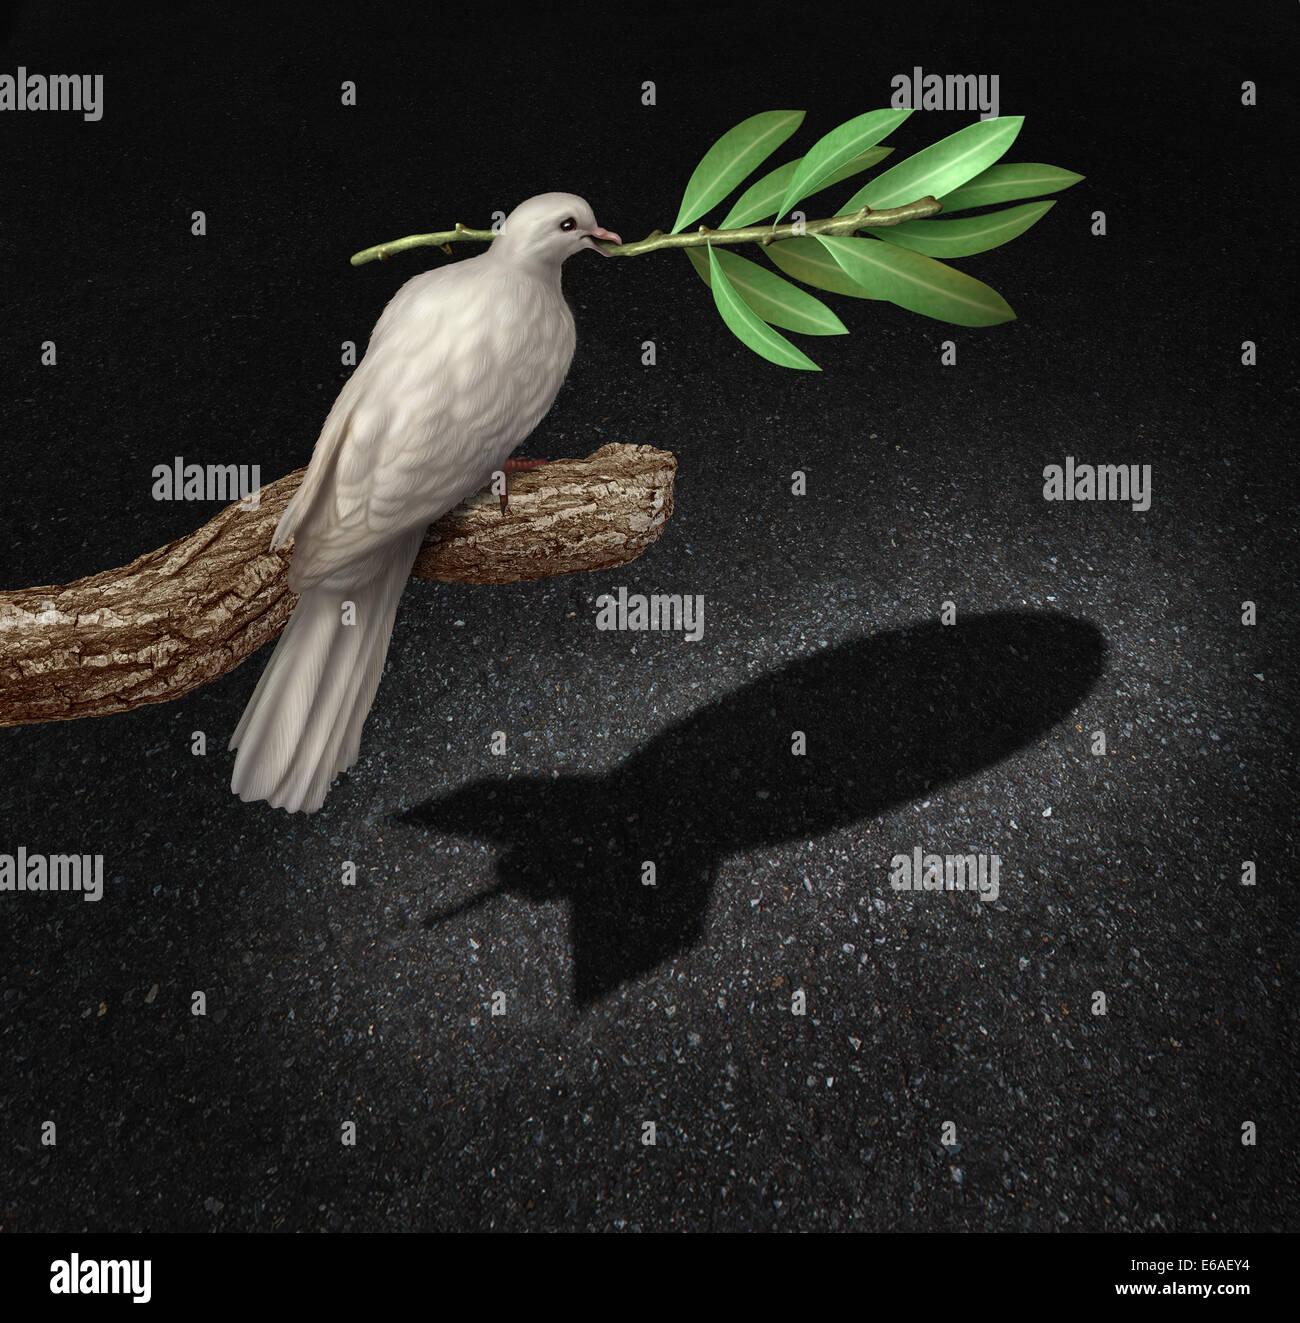 Risque de guerre concept comme liberté colombe de la paix tenant une branche d'olivier jette une ombre Photo Stock